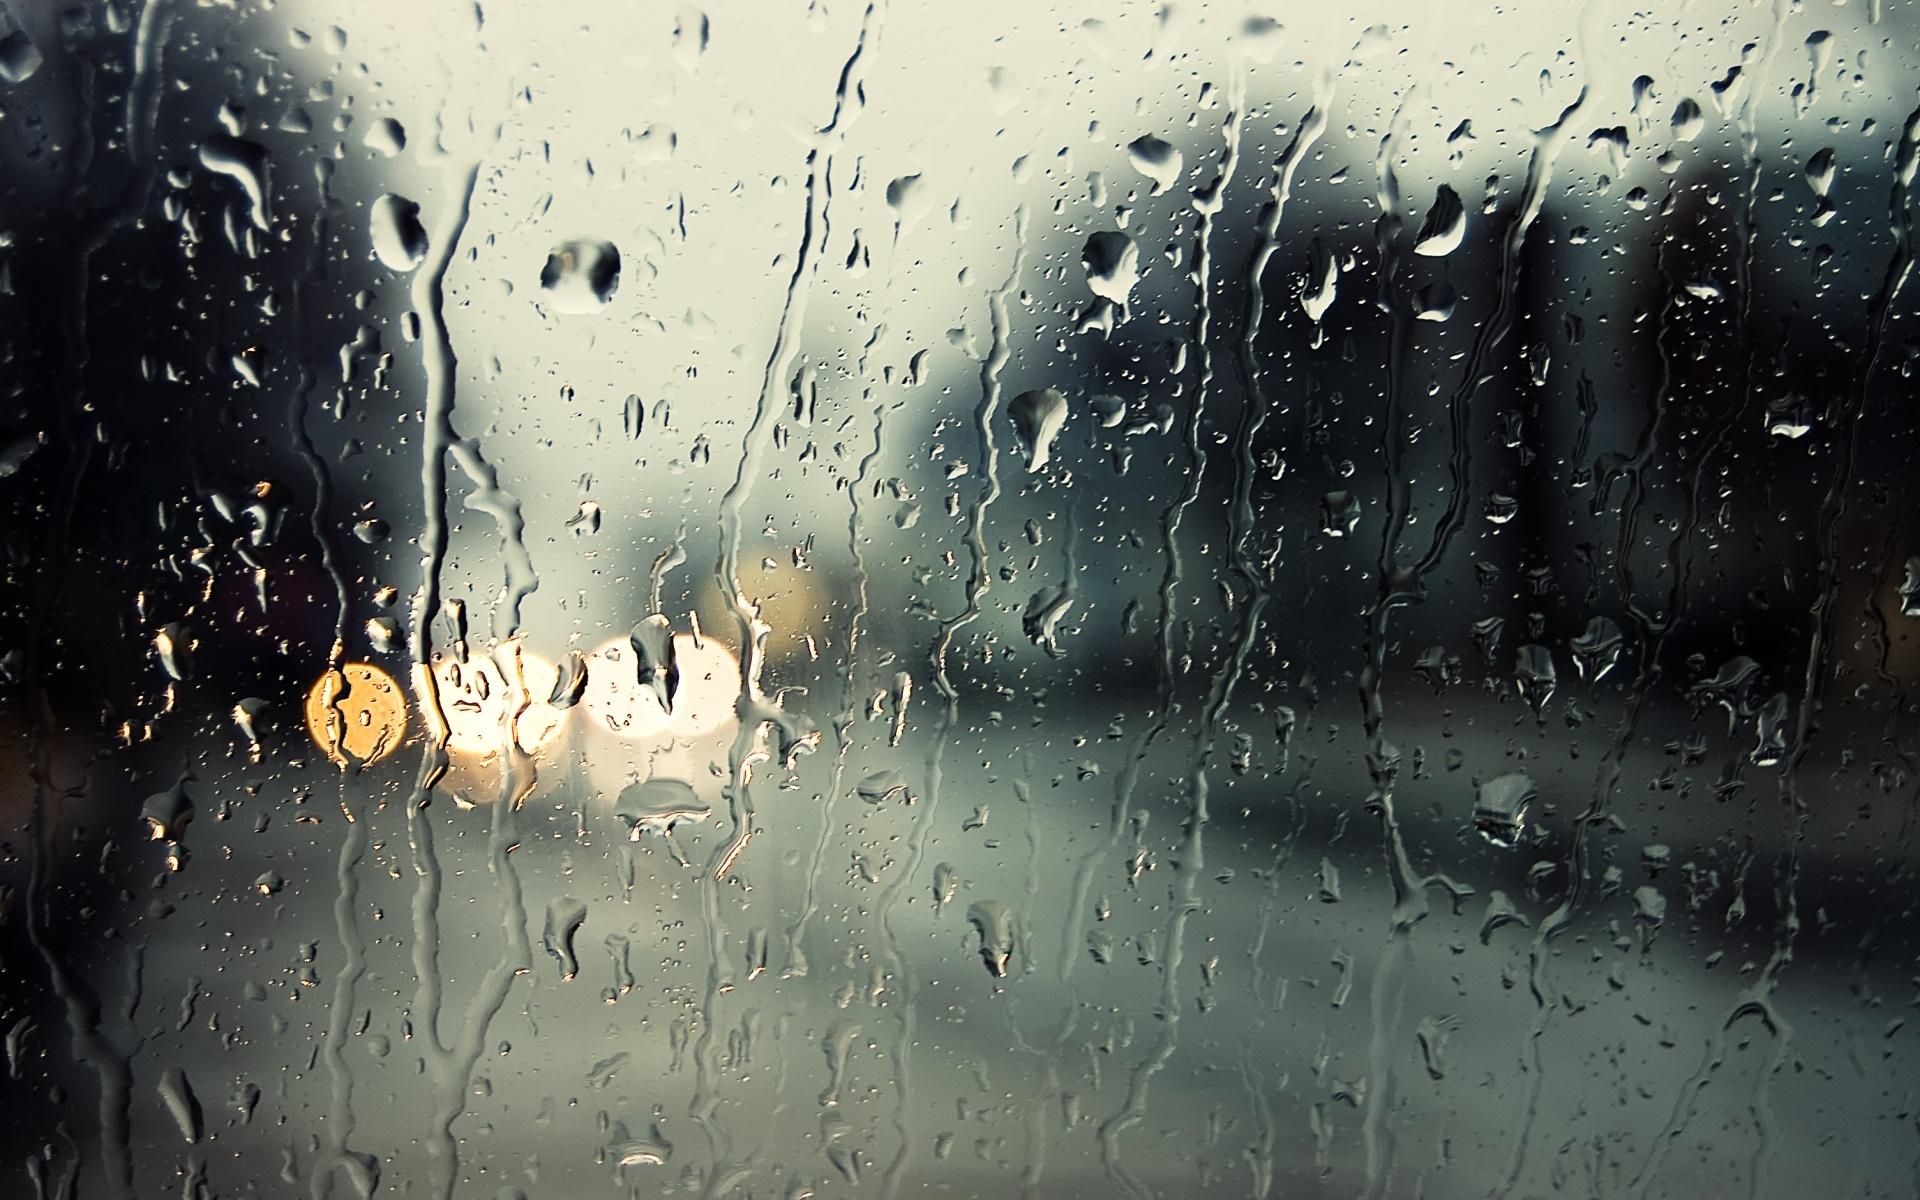 Stigla očekivana promjena vremena: Kiša i pad temperature